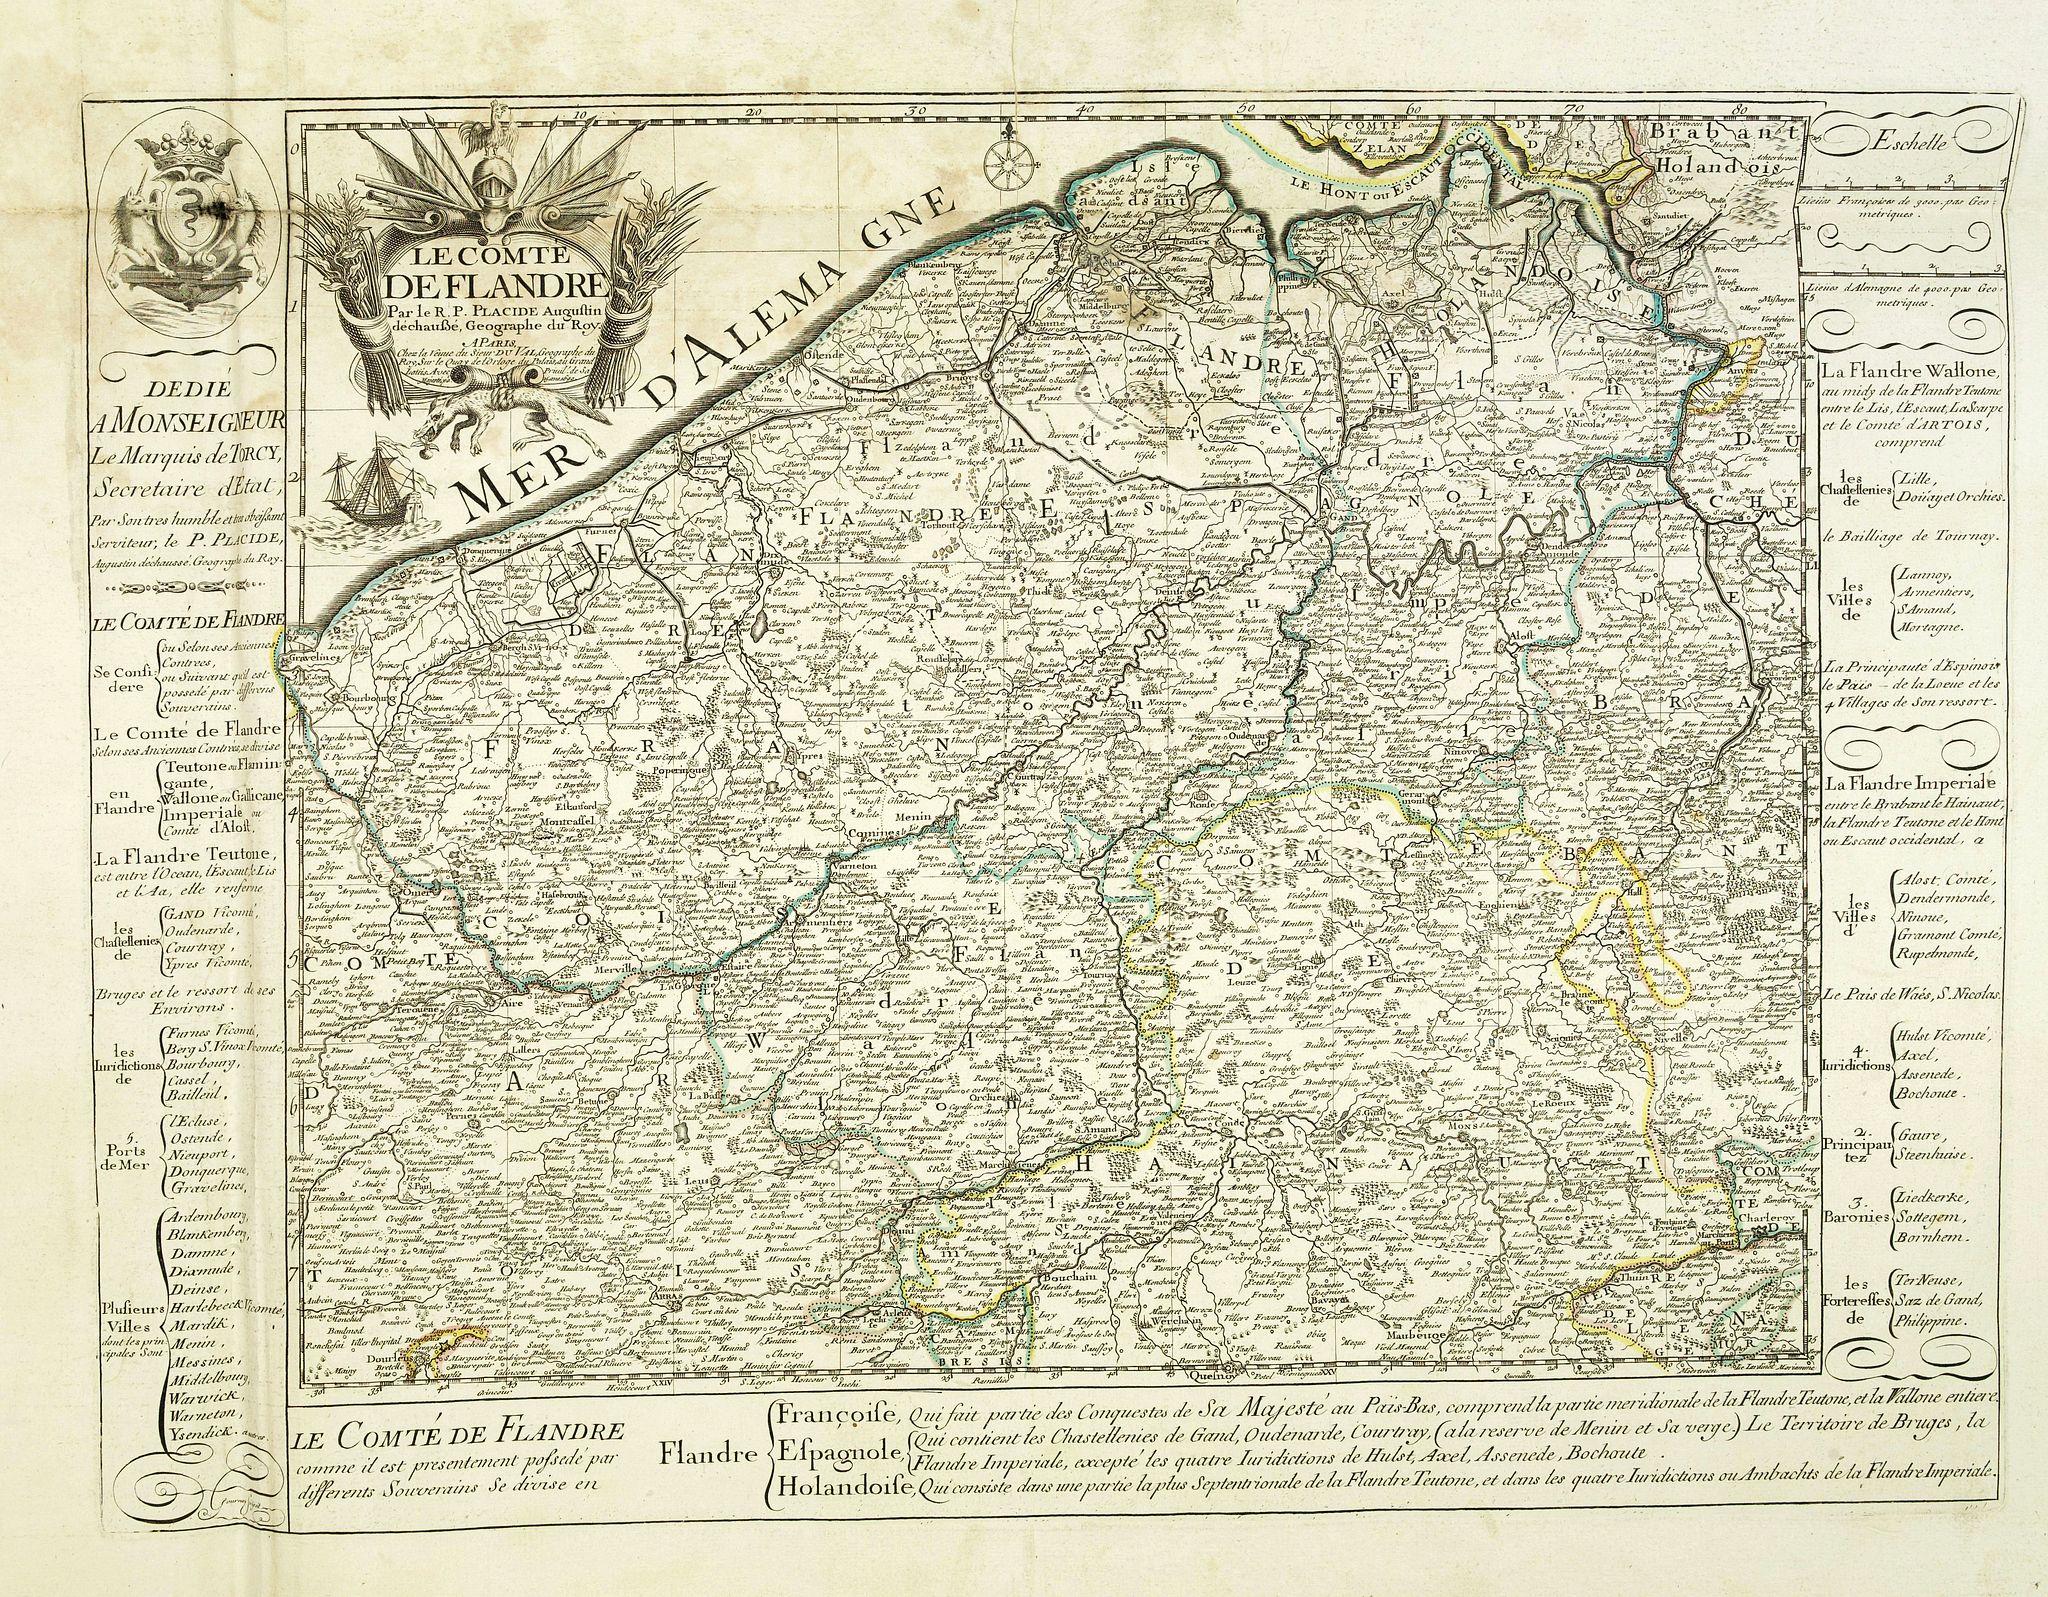 DU VAL, P. -  Le Comté de Flandre par P. Placide Augustin. . .